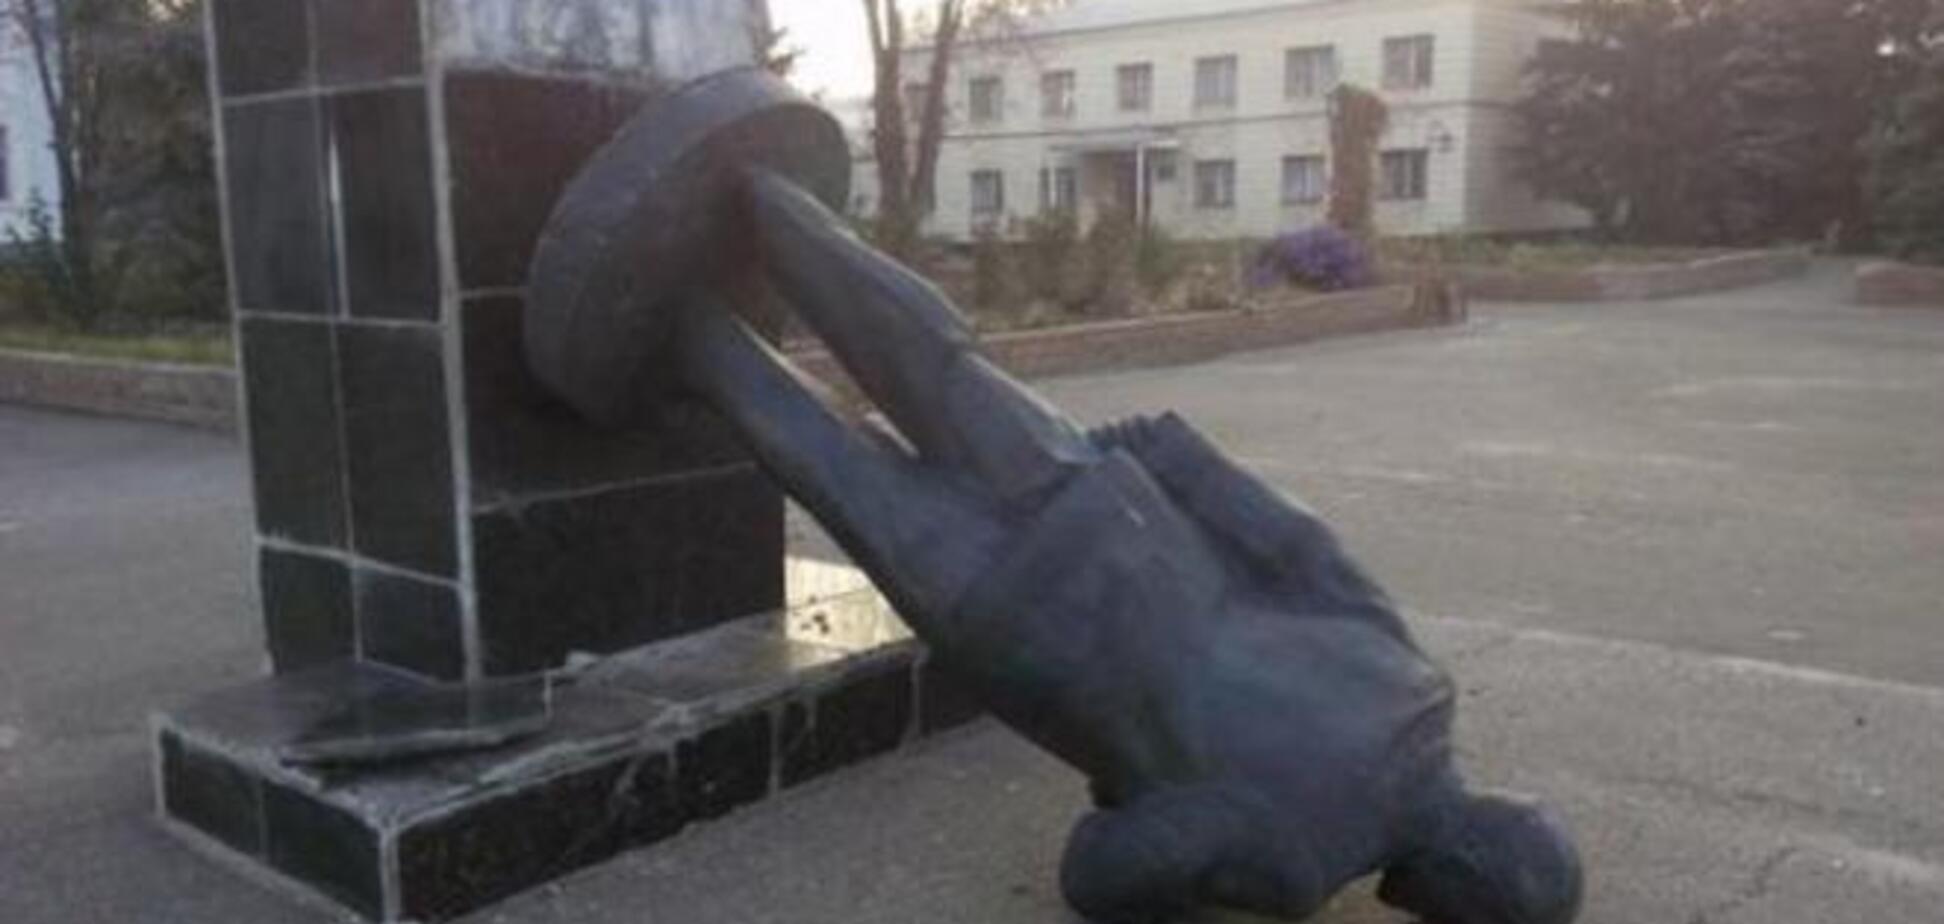 Ряды свергнутых Ленинов пополнились: повалены памятники на Луганщине и Николаевщине